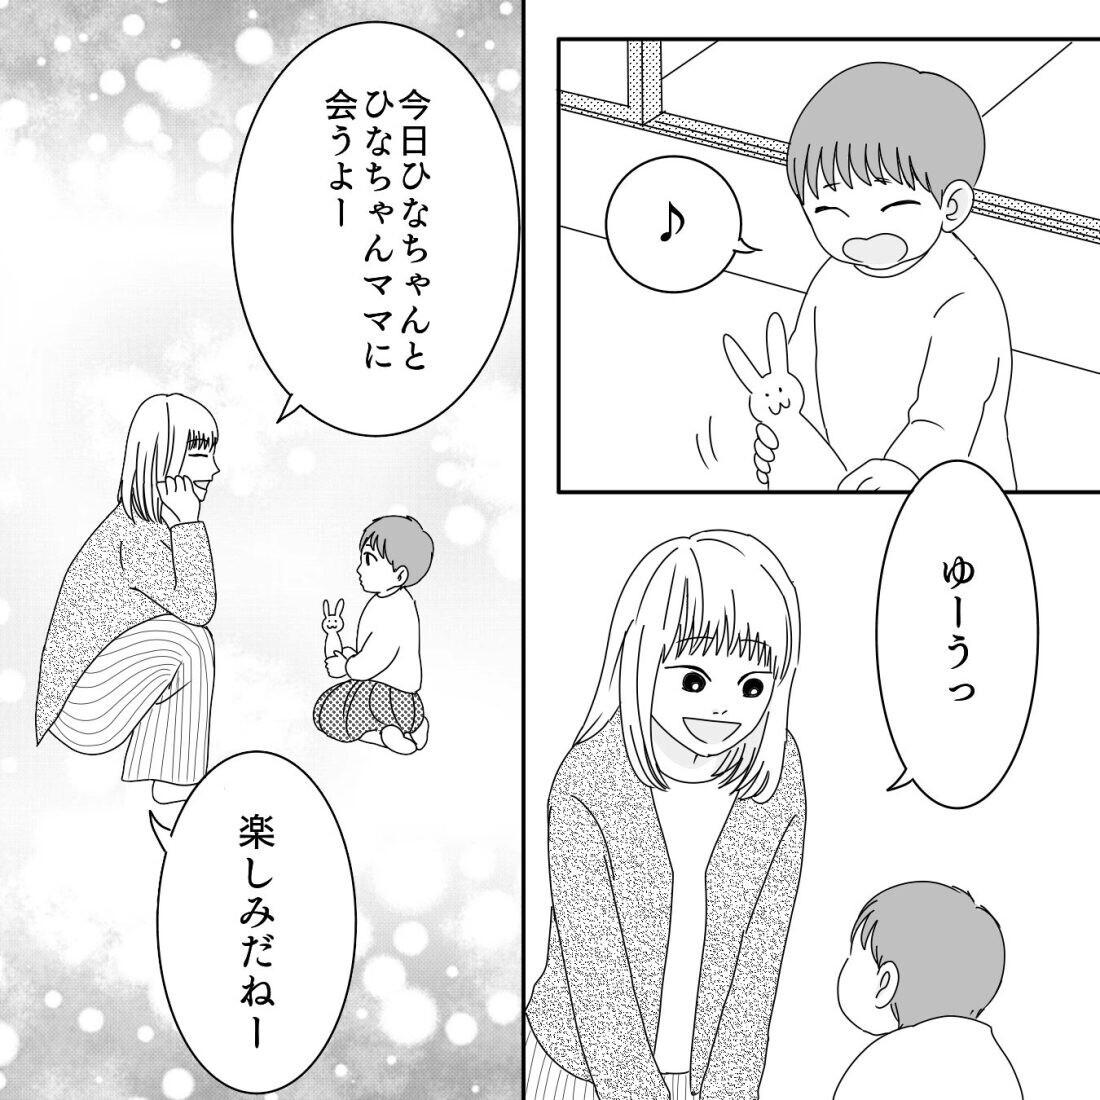 やっとママ友に会える! 楽しみにしていたのに予想外の展開が!?【ママ友になりませんか? Vol.7】